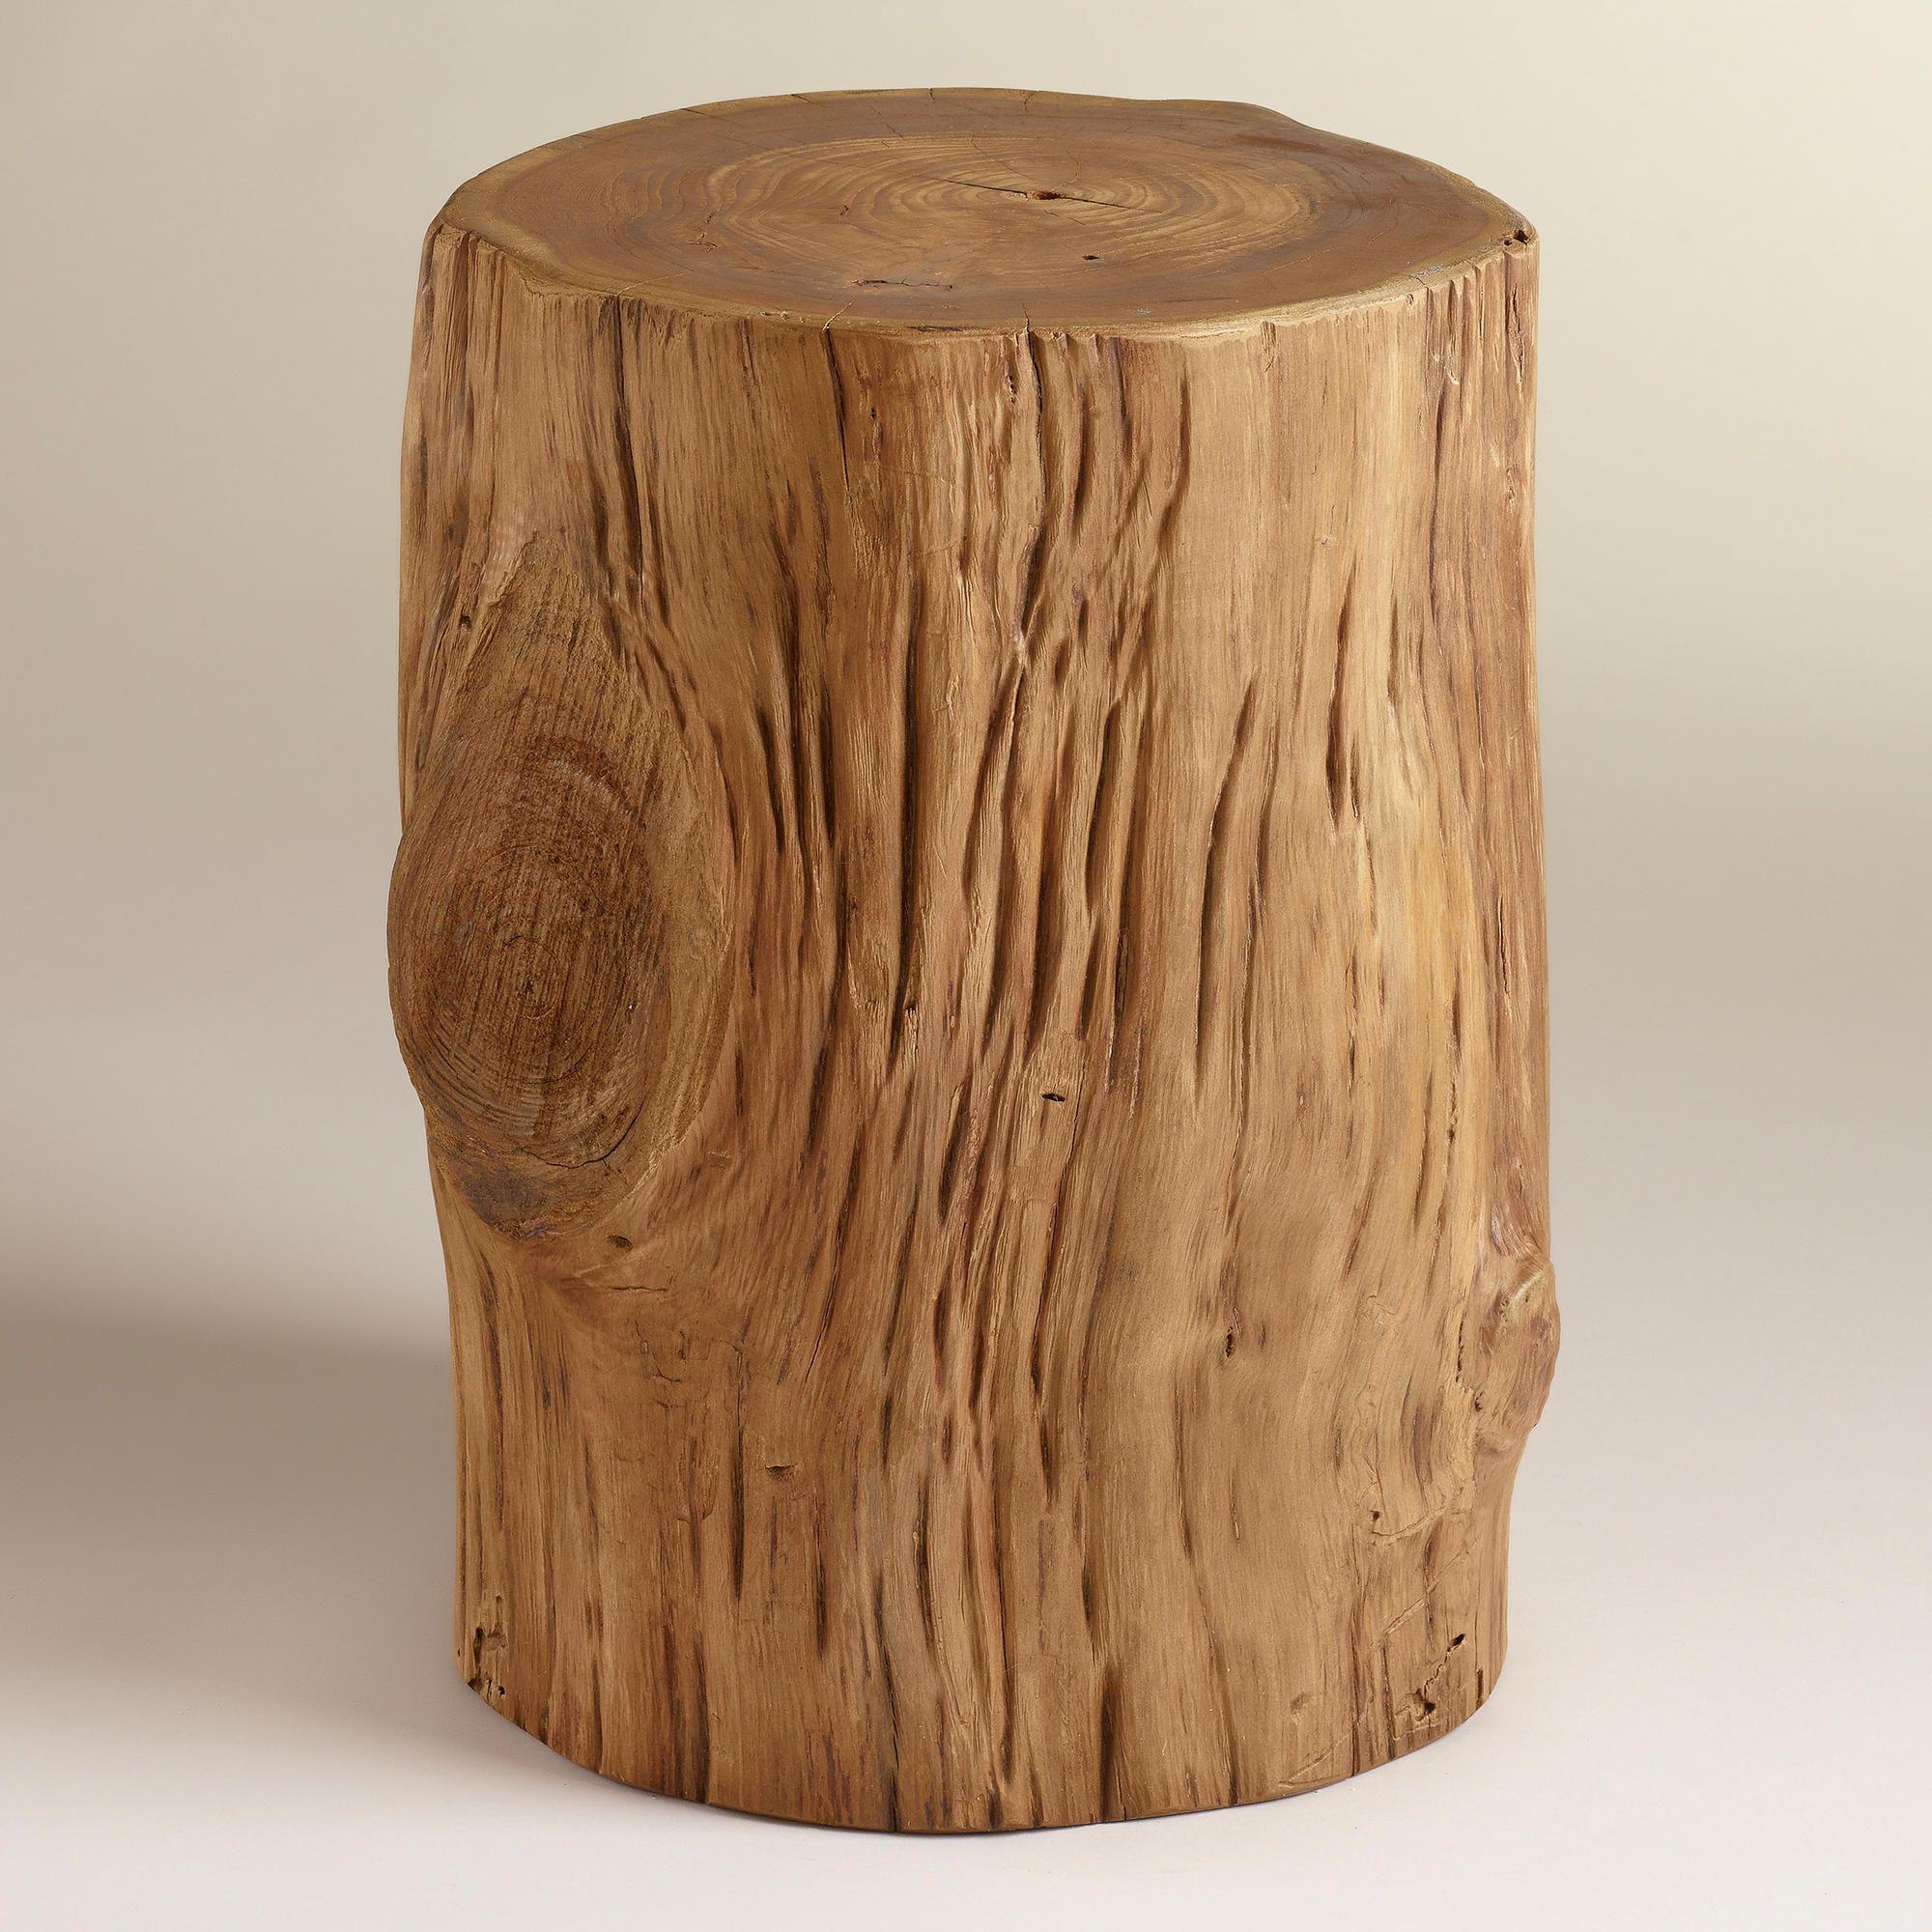 Teak Tree Stump Table - World Market